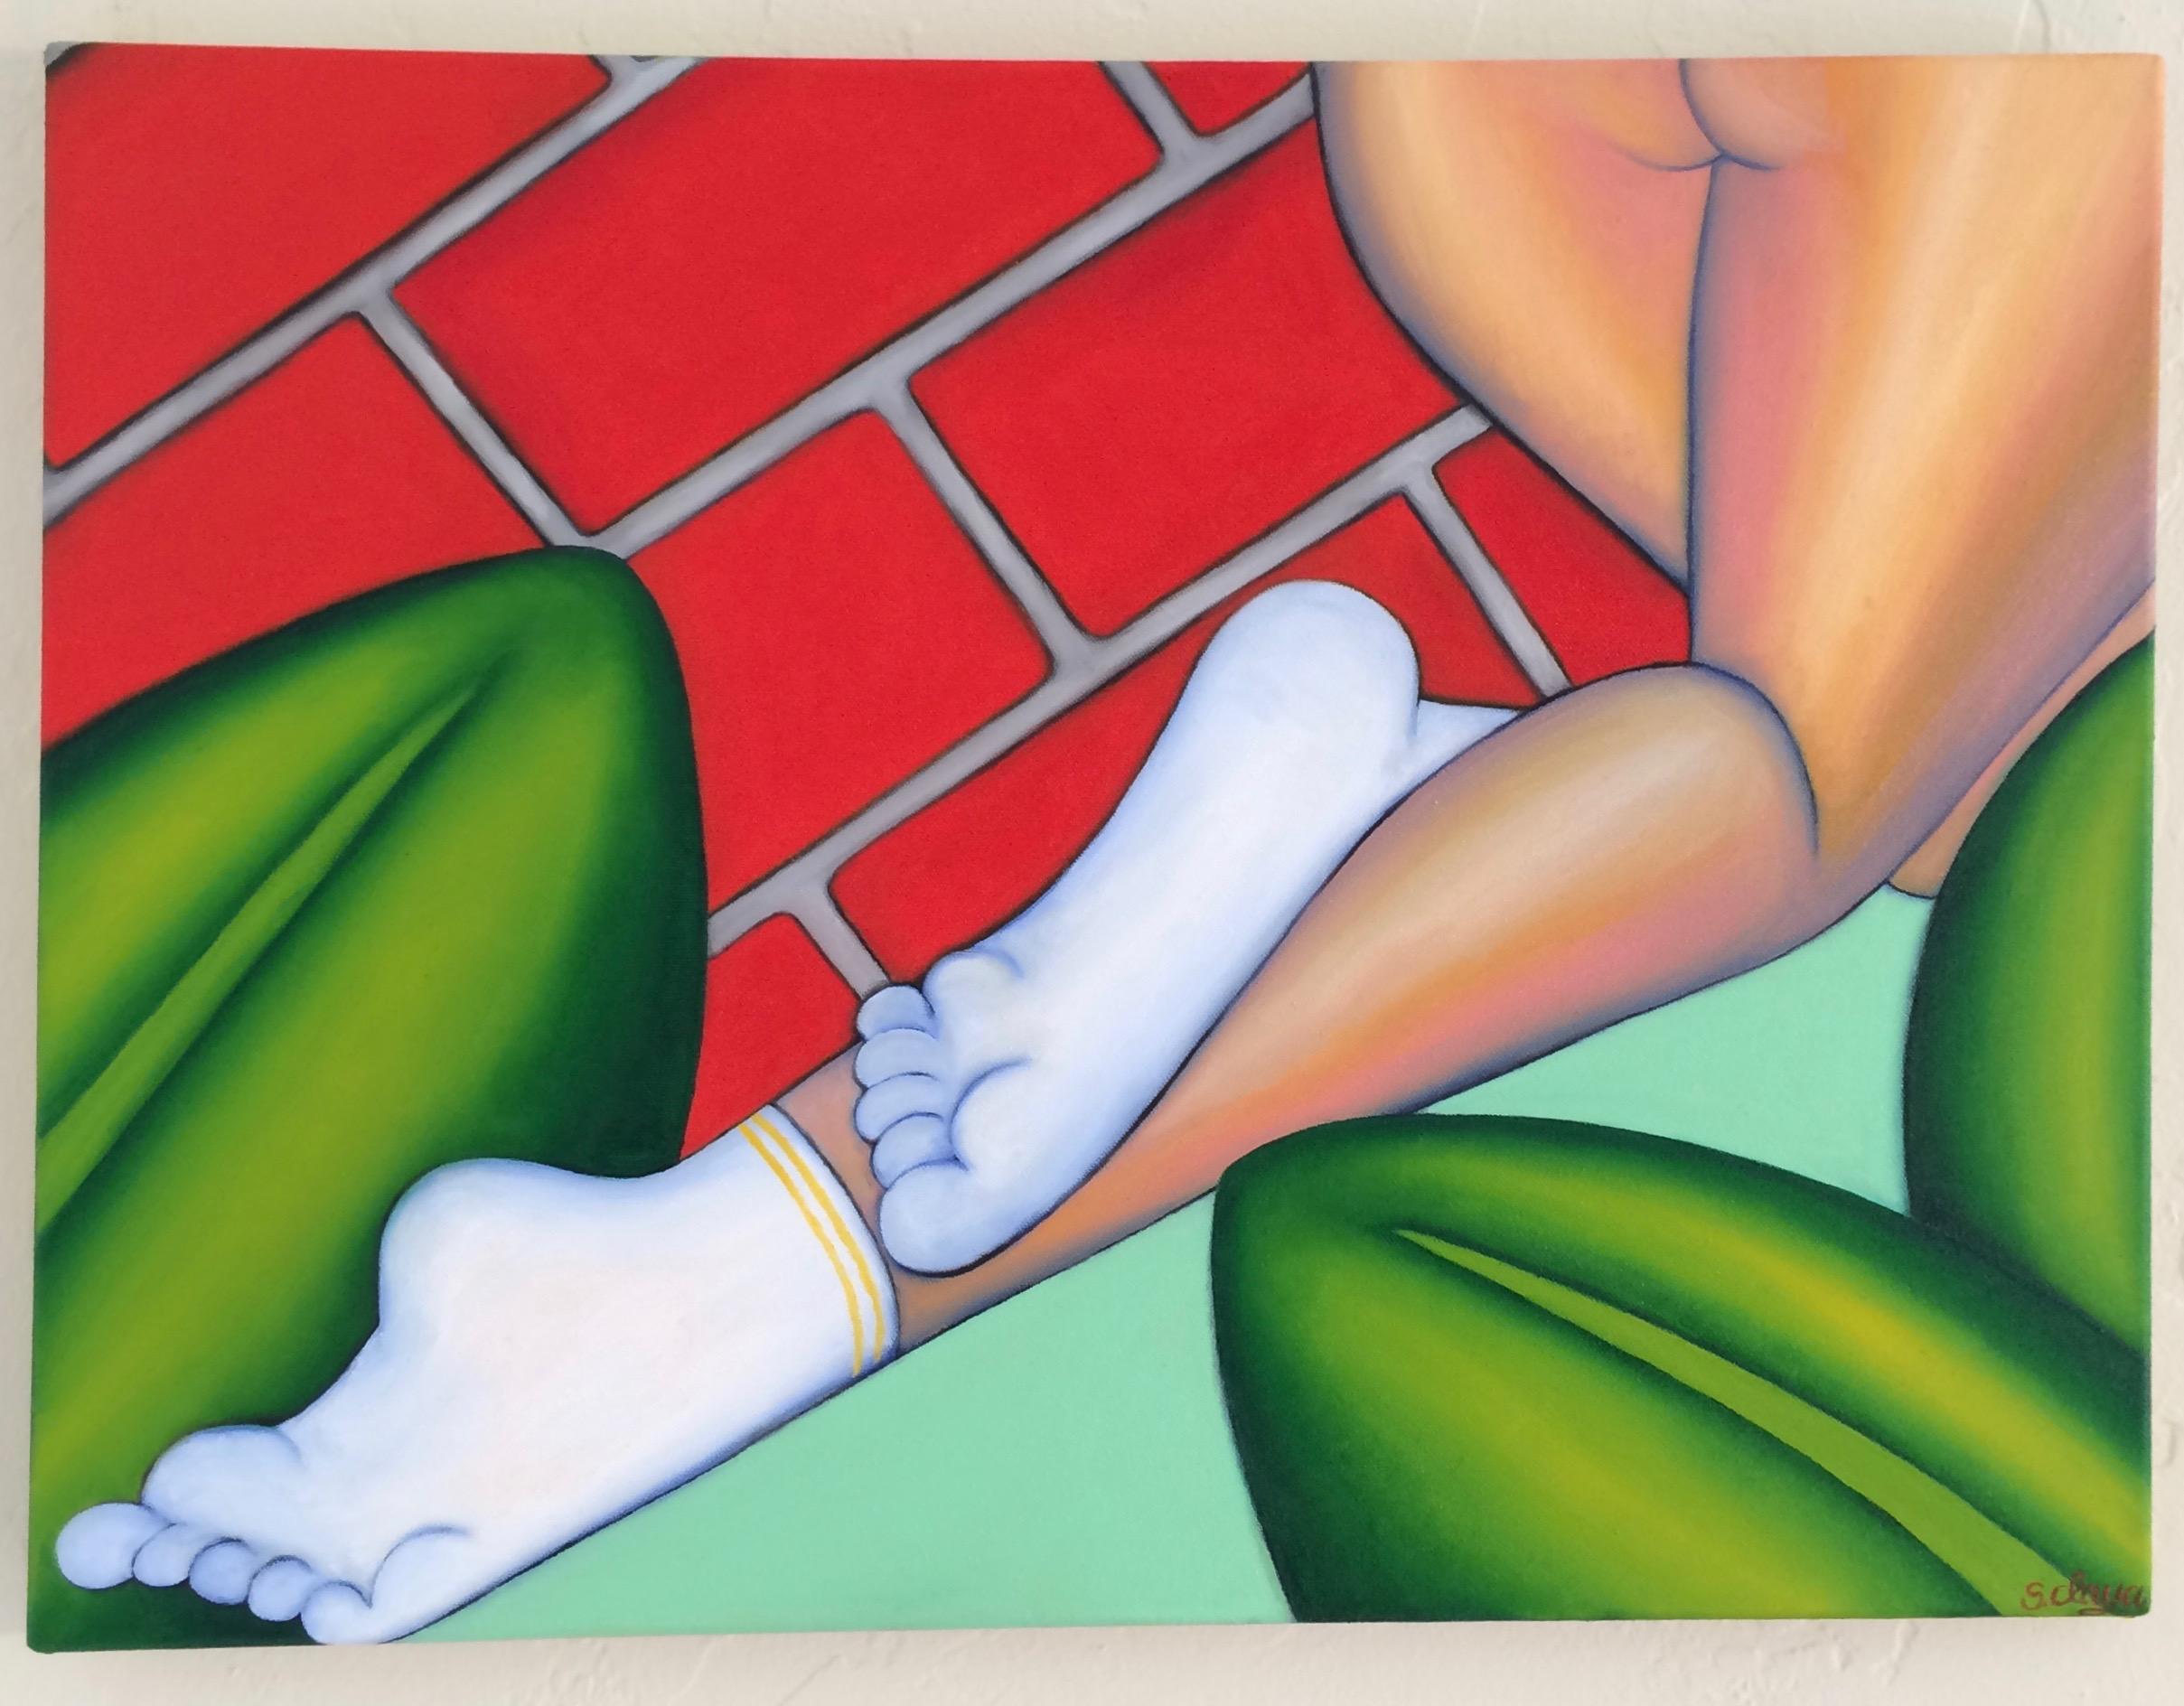 White_Socks_Tommyknocks.jpg